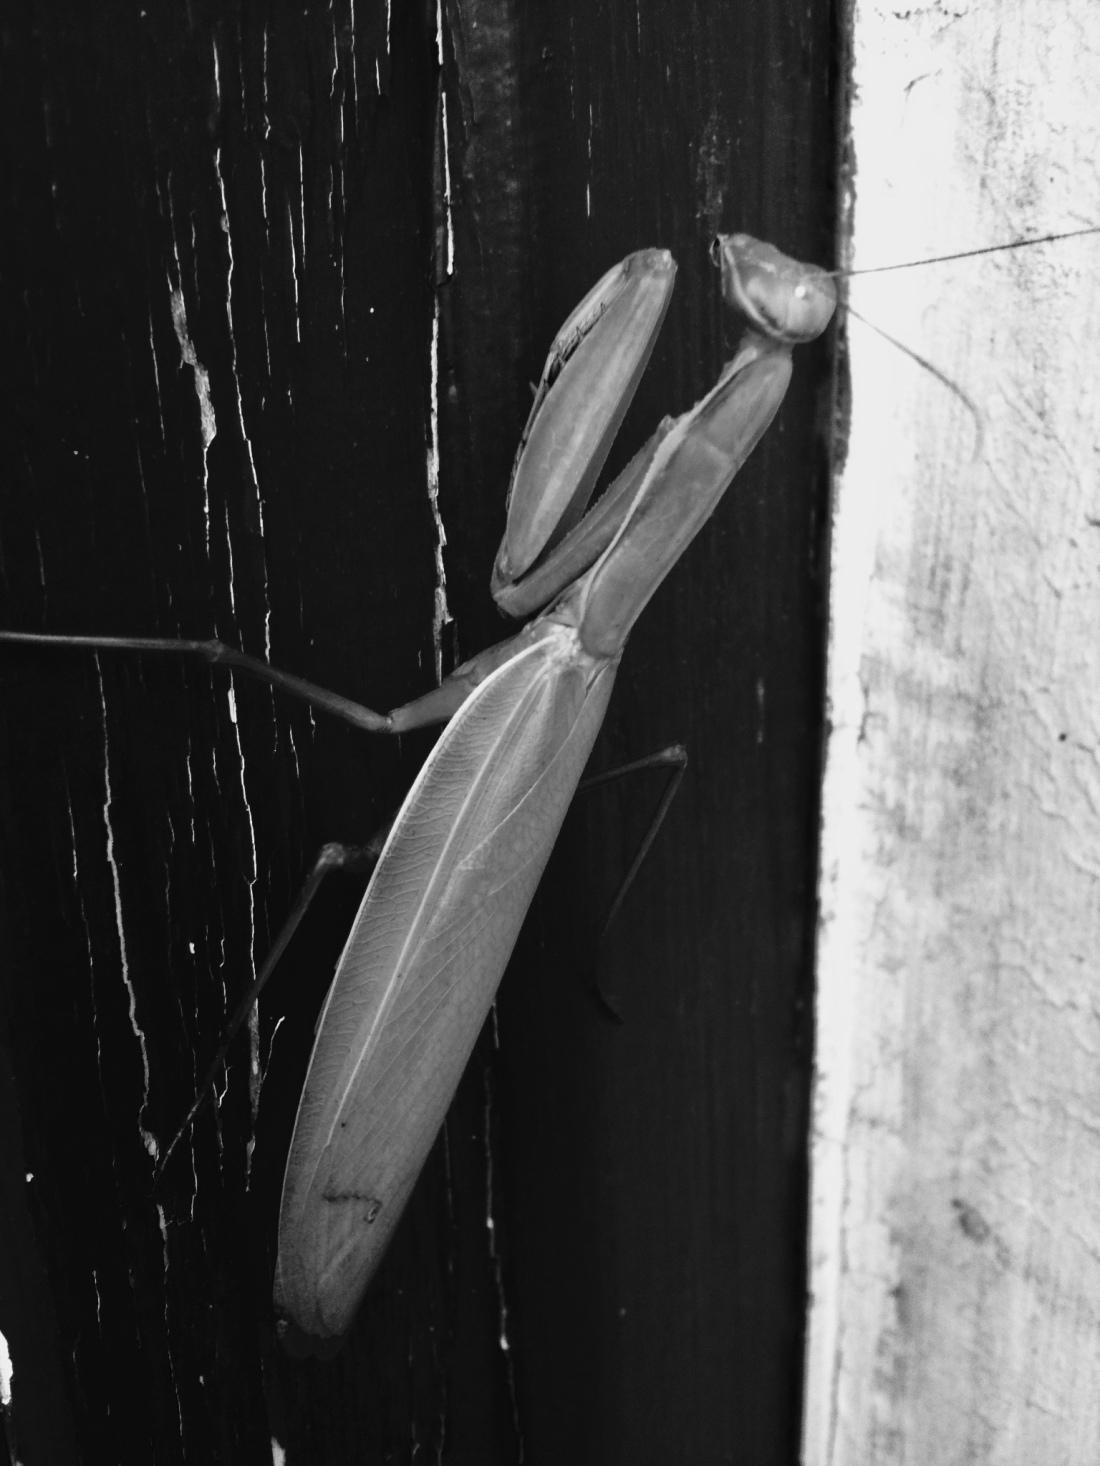 Praying Mantis black and white